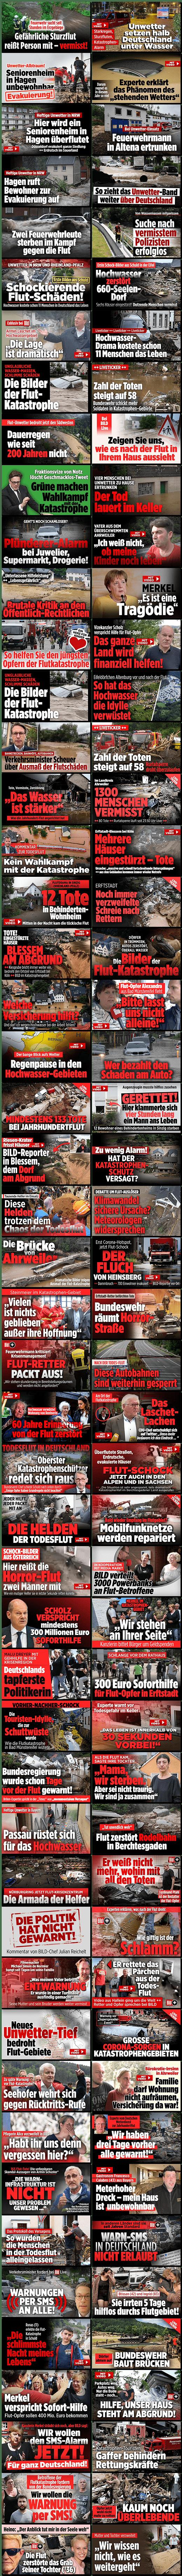 Eine Collage aus 100 BILD.de-Schlagzeilen zur TODESFLUT